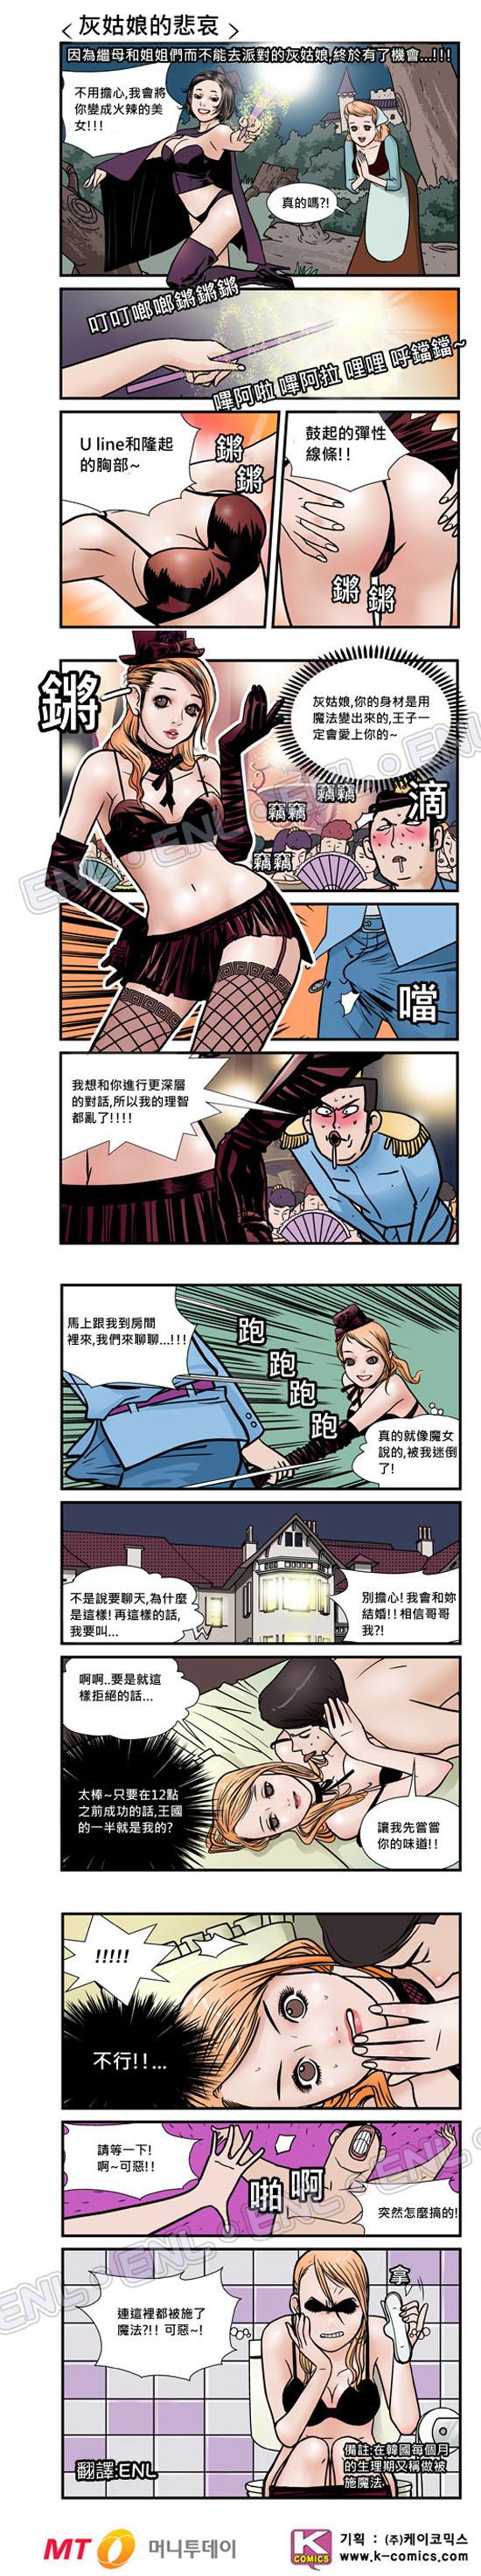 灰姑娘的大變身!!  這次王子恐怕逃不出桃色陷阱了!!!-0